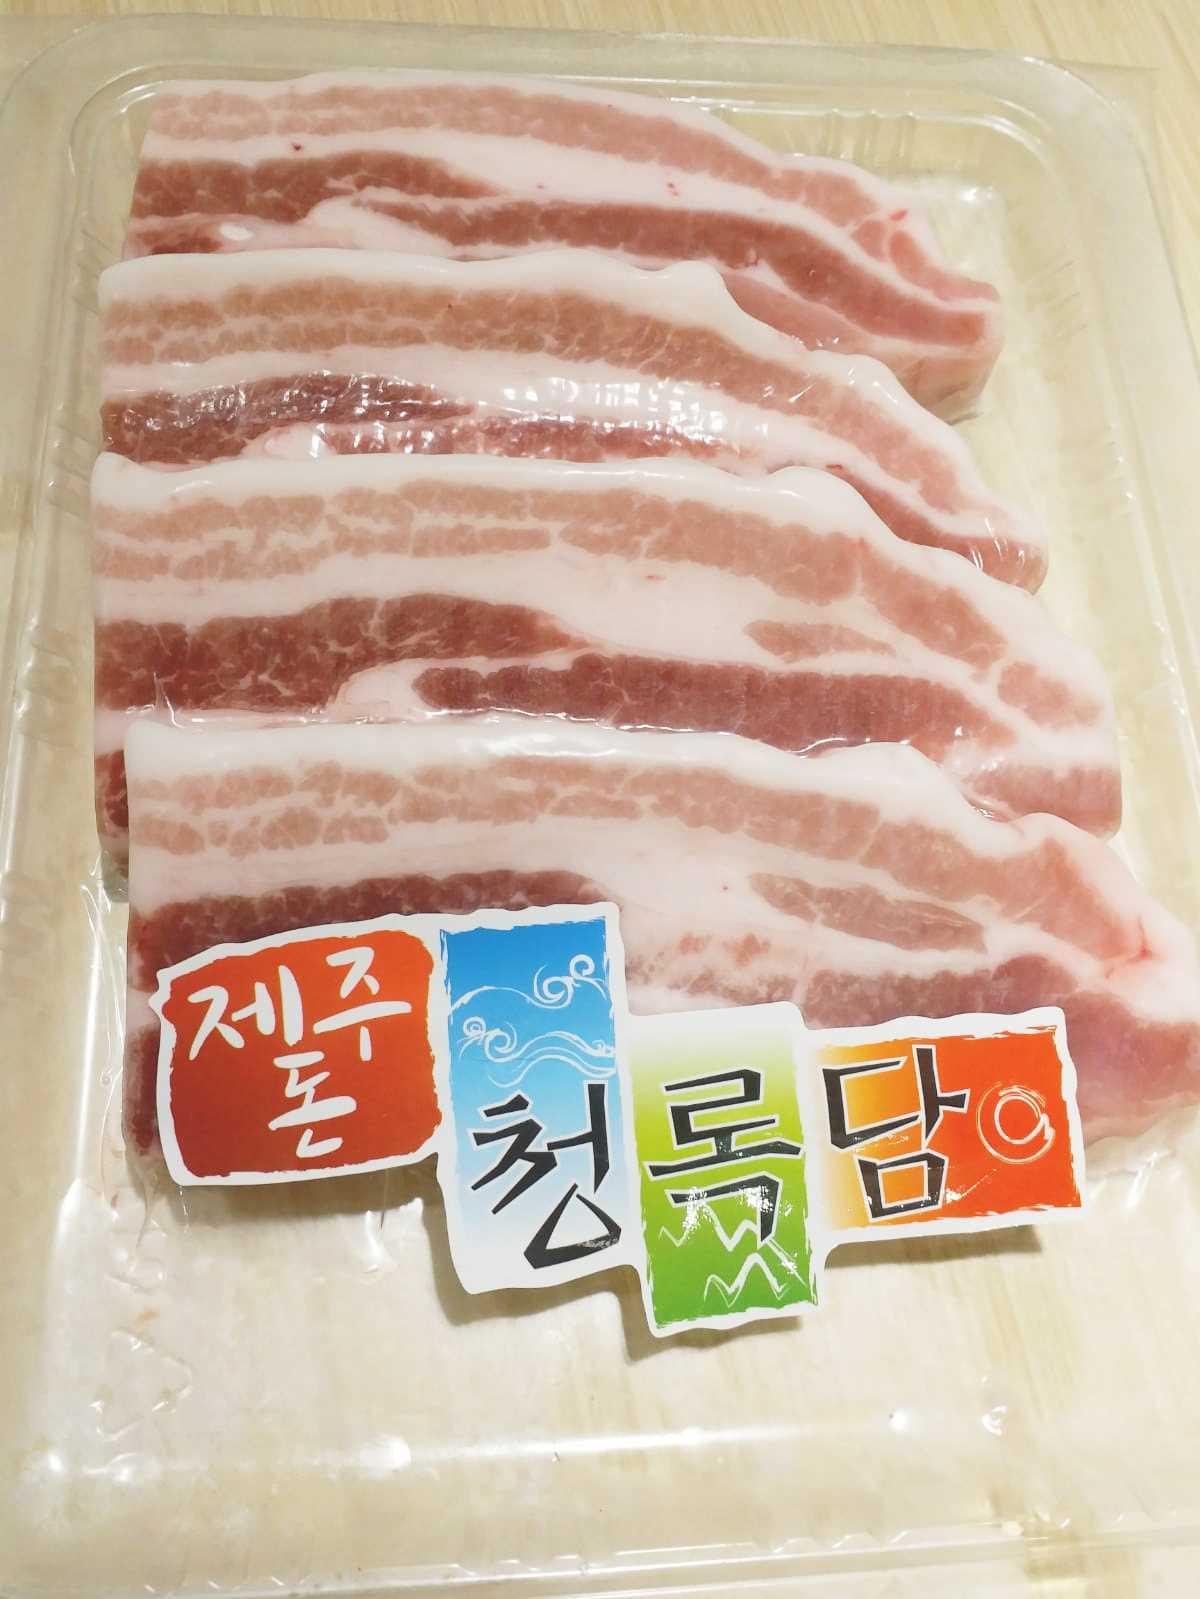 「濟洲豚」天然豬腩 Jeju Pork